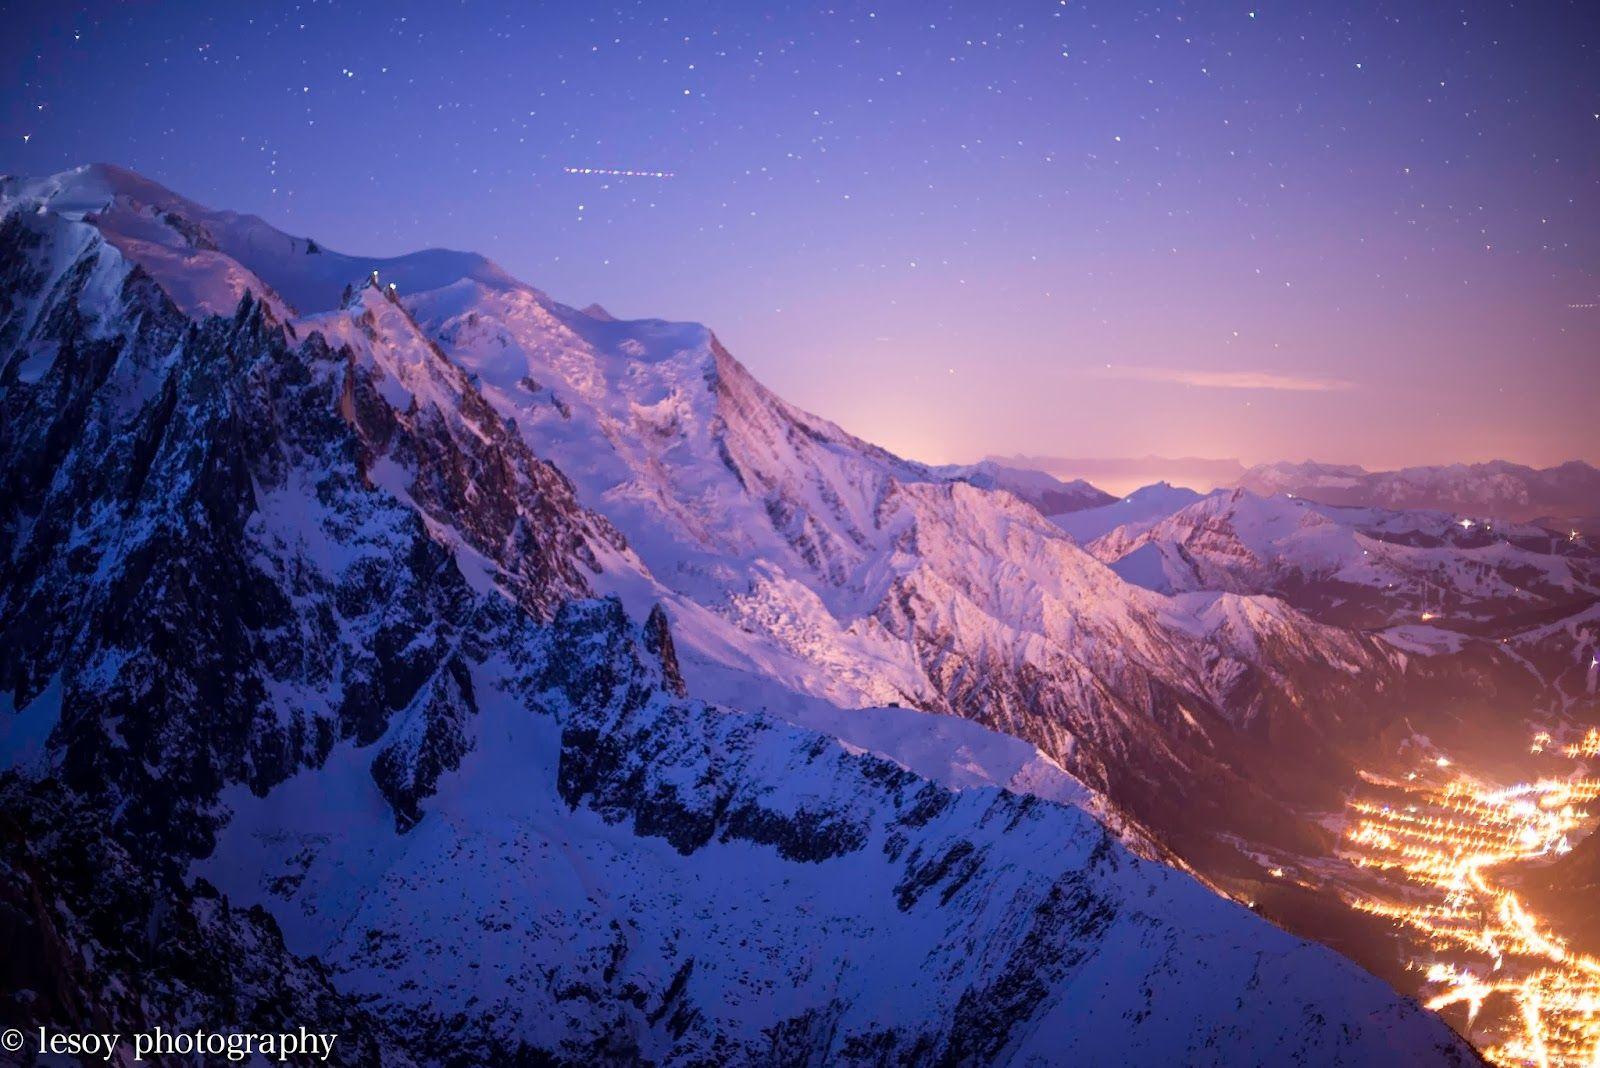 Vue de nuit vers les Drus, le Massif du Mont Blanc et la vallée de Chamonix Photo © Lesoy Photography http://lesoyphotography.com/